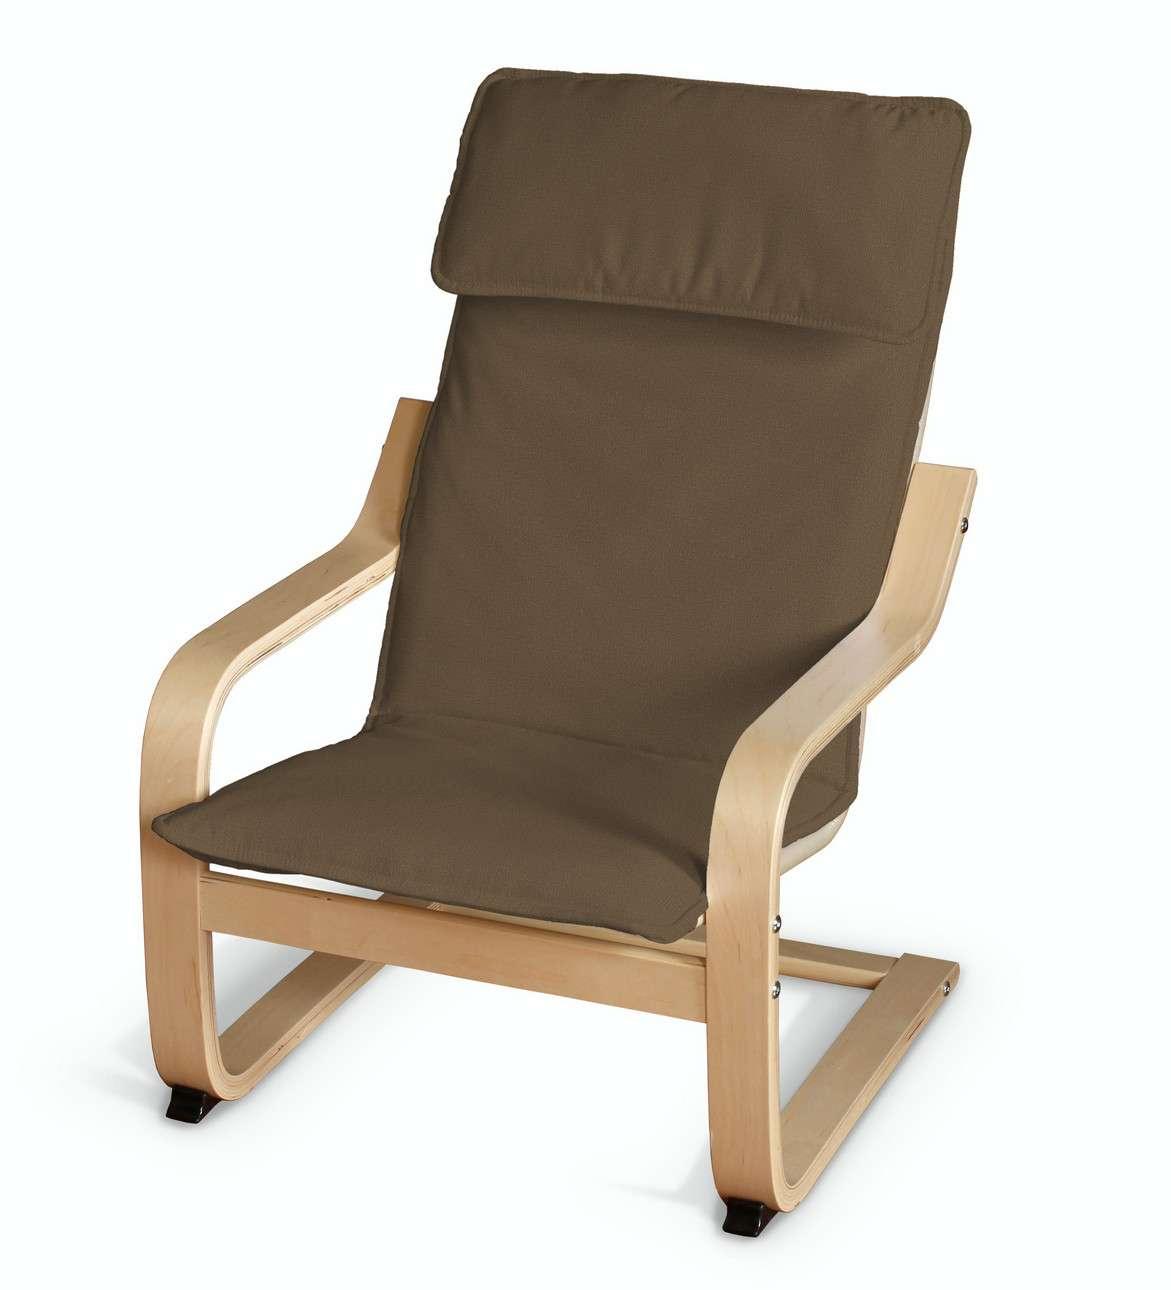 Poduszka na fotelik dziecięcy Poäng w kolekcji Living, tkanina: 160-94